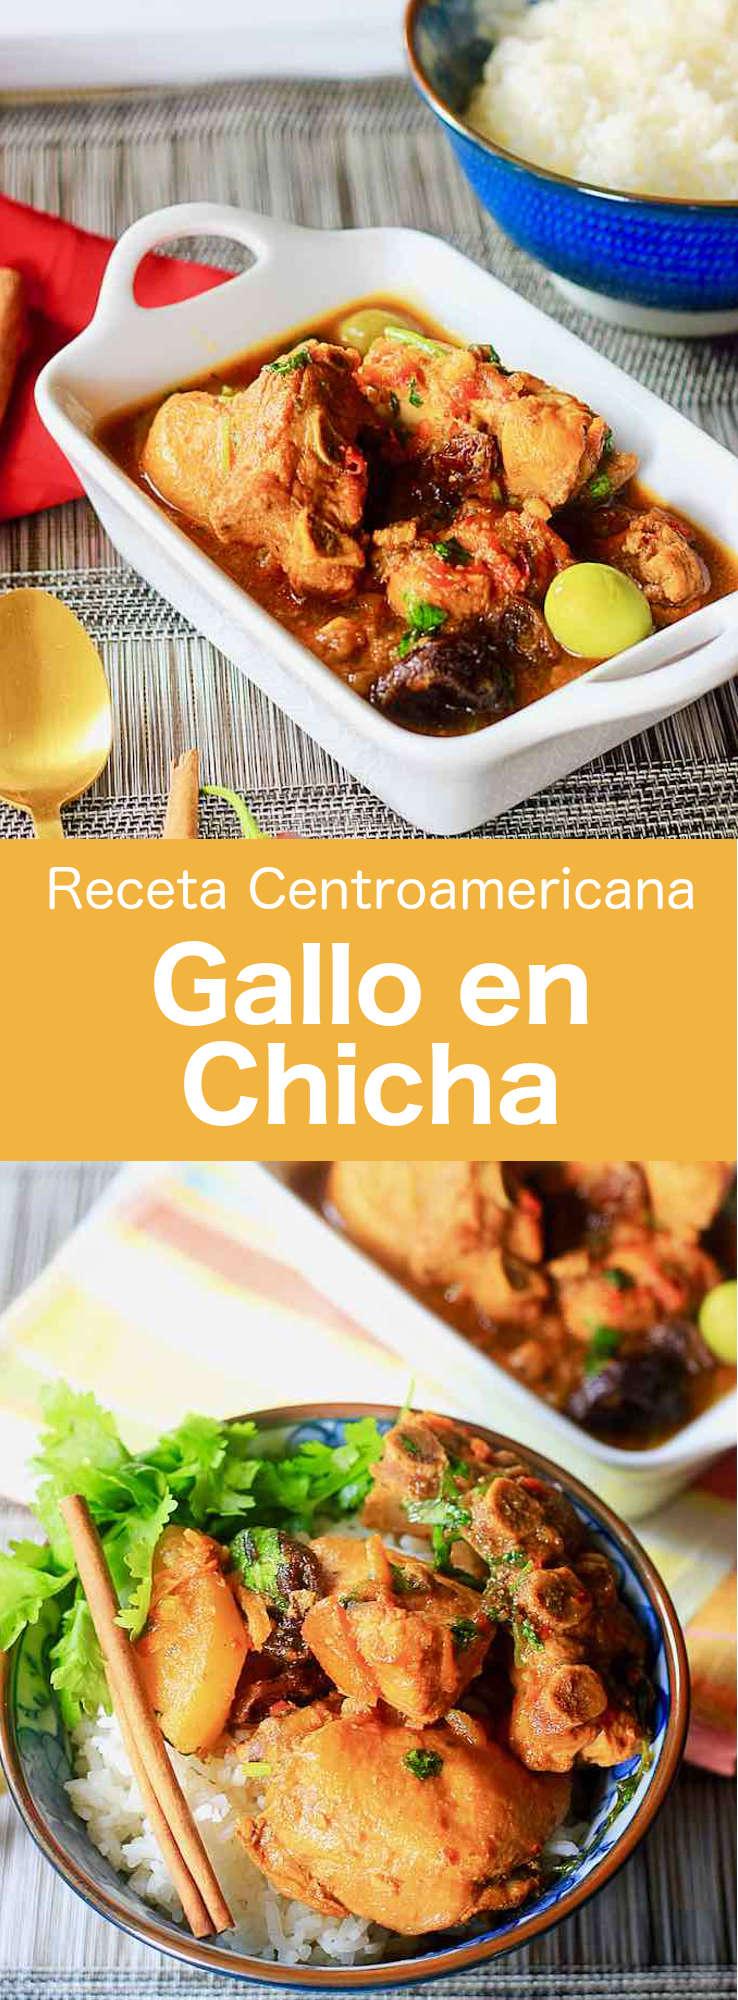 El gallo en chicha es un plato tradicional de pollo que es popular en El Salvador, así como en otros países de América Central, como en Guatemala.